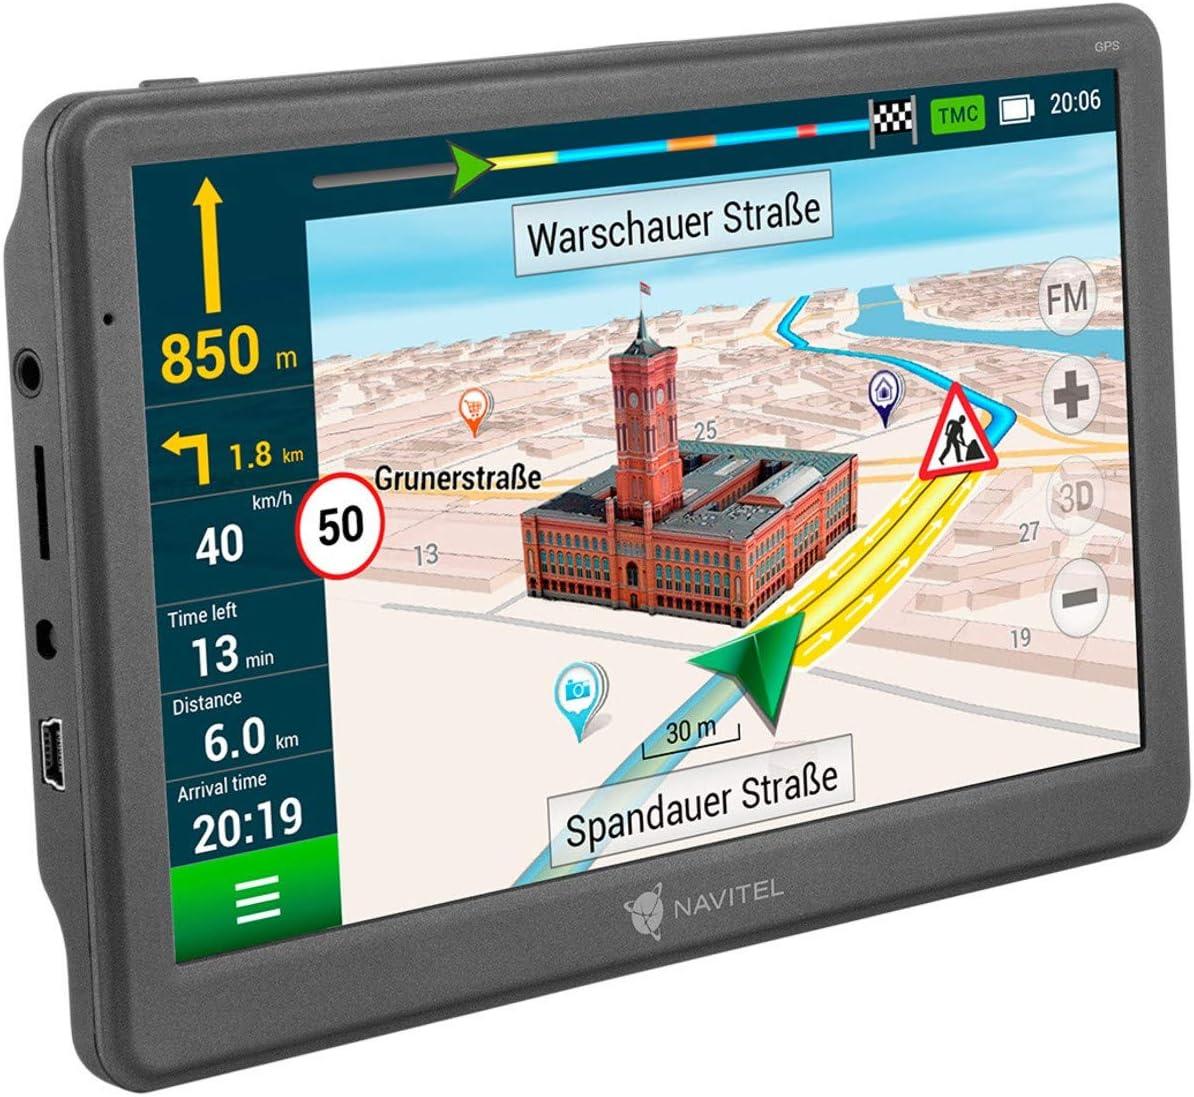 Navigationsger/ät // 7 Zoll//EU 47 Karten Liftime Updates kostenfrei//TMC//POI//Blitzerwarner//Sprachf/ührung//Spurassistent Navitel E700T GPS Navi